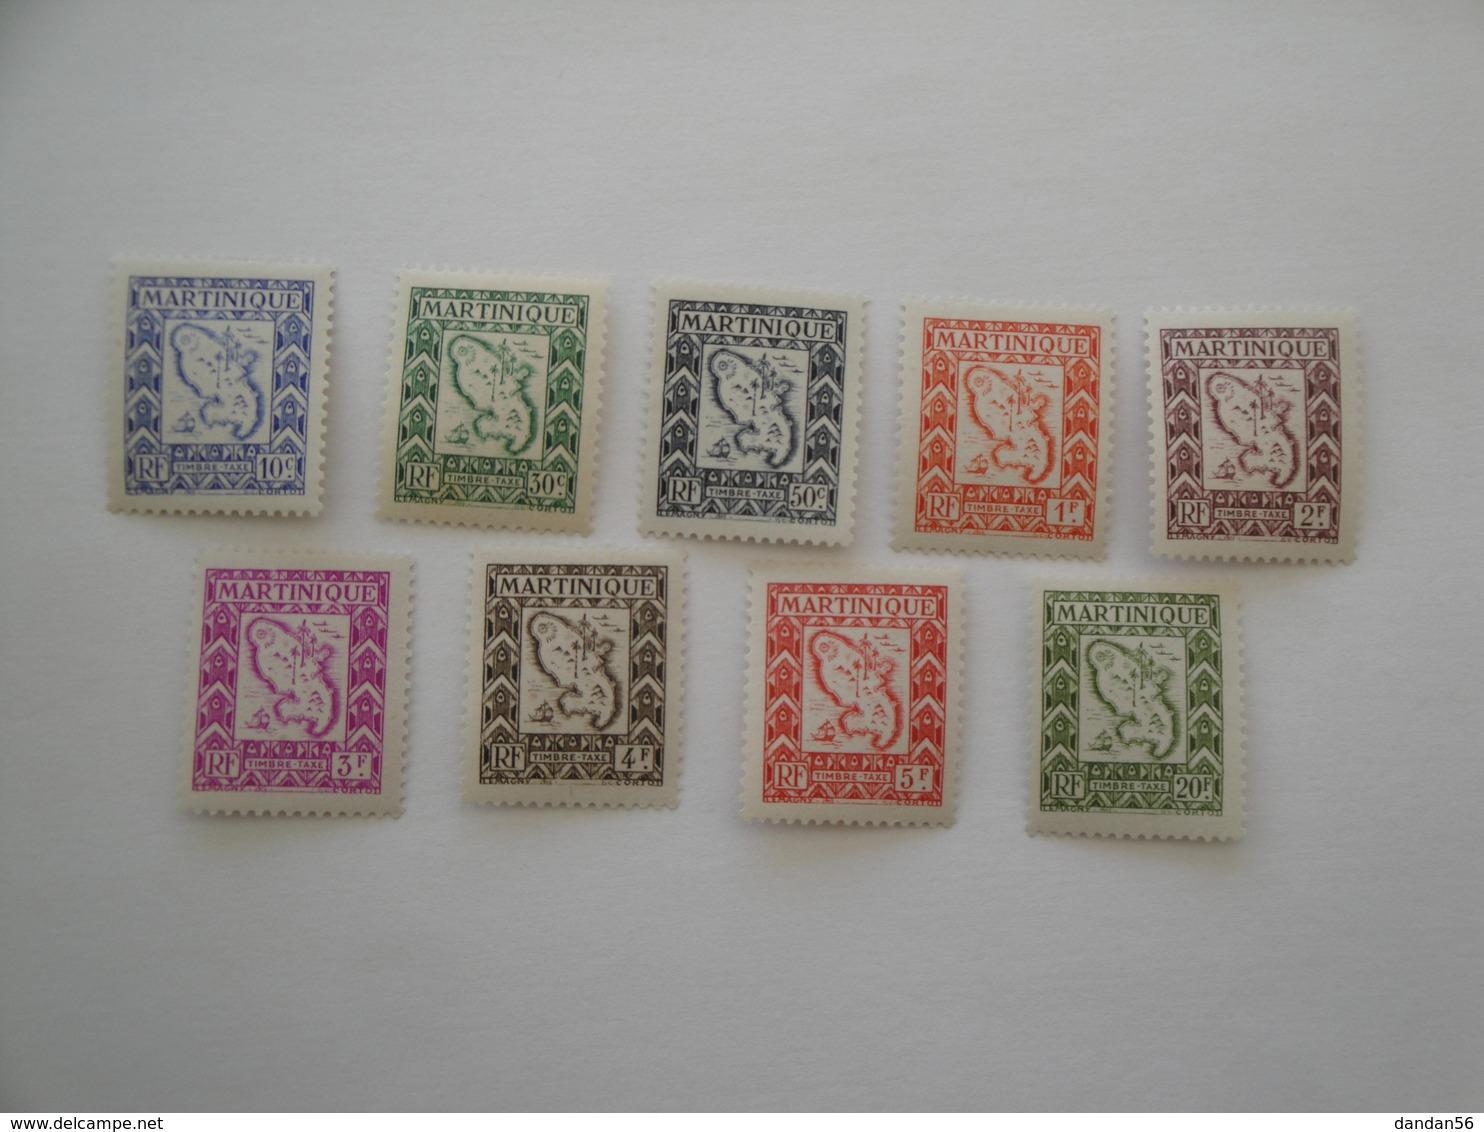 Martinique 1947 Yv T 27/36 ** MNH Carte Bateaux Ships Cote 11.15 € Michel T 27/36 Scott J 37/46 SG D 251/60 - Martinique (1886-1947)